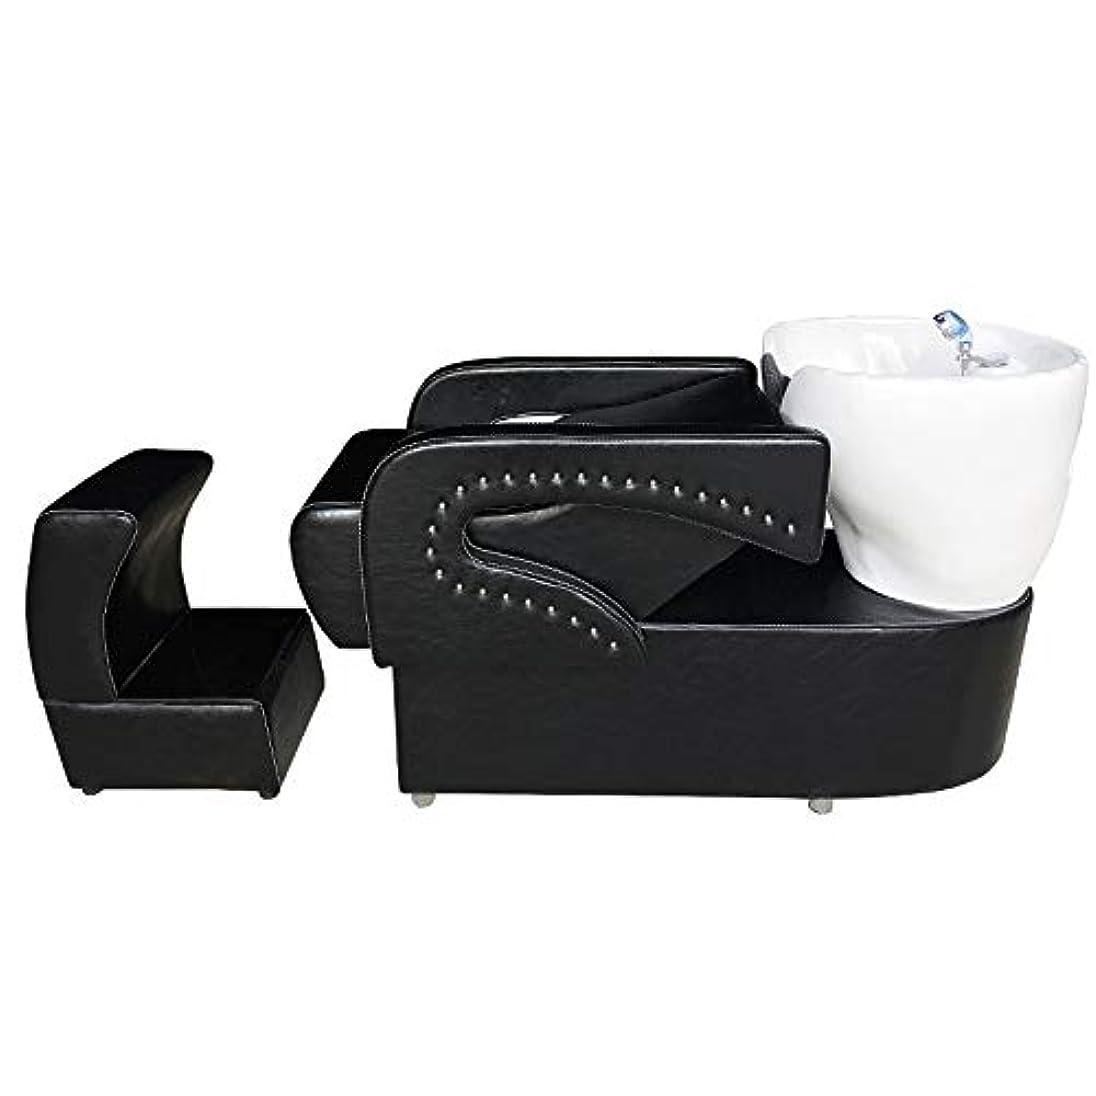 透ける批判的メリーシャンプーの理髪師の逆洗の椅子、鉱泉の美容院のためのシャンプーボールの流しの椅子は半くぼみのフラッシュベッドを流します